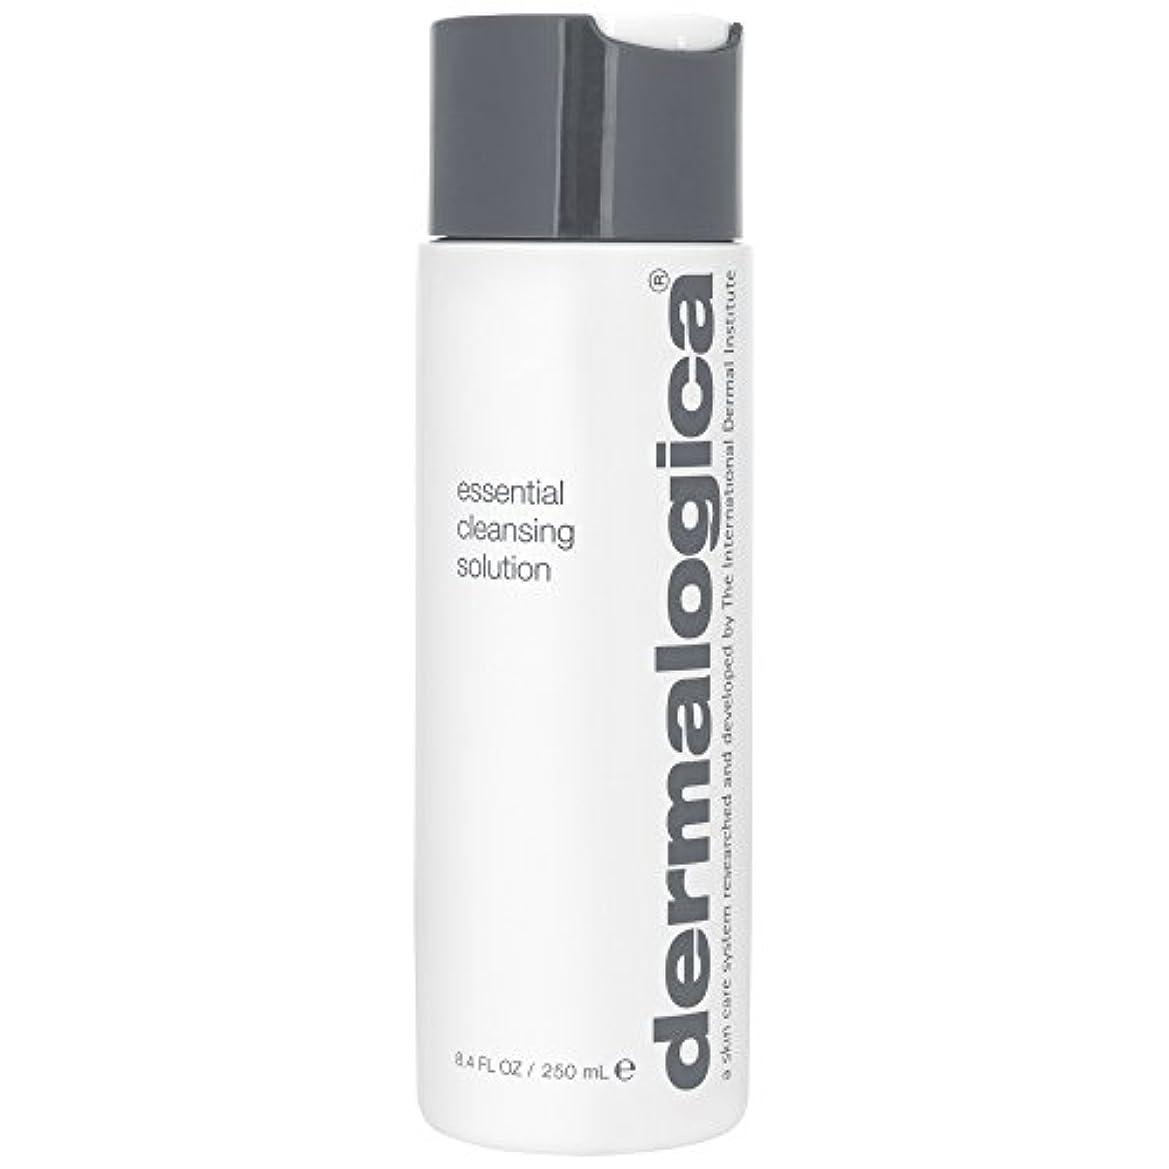 尋ねる積極的にれんがダーマロジカ不可欠な洗浄液の250ミリリットル (Dermalogica) (x6) - Dermalogica Essential Cleansing Solution 250ml (Pack of 6) [並行輸入品]